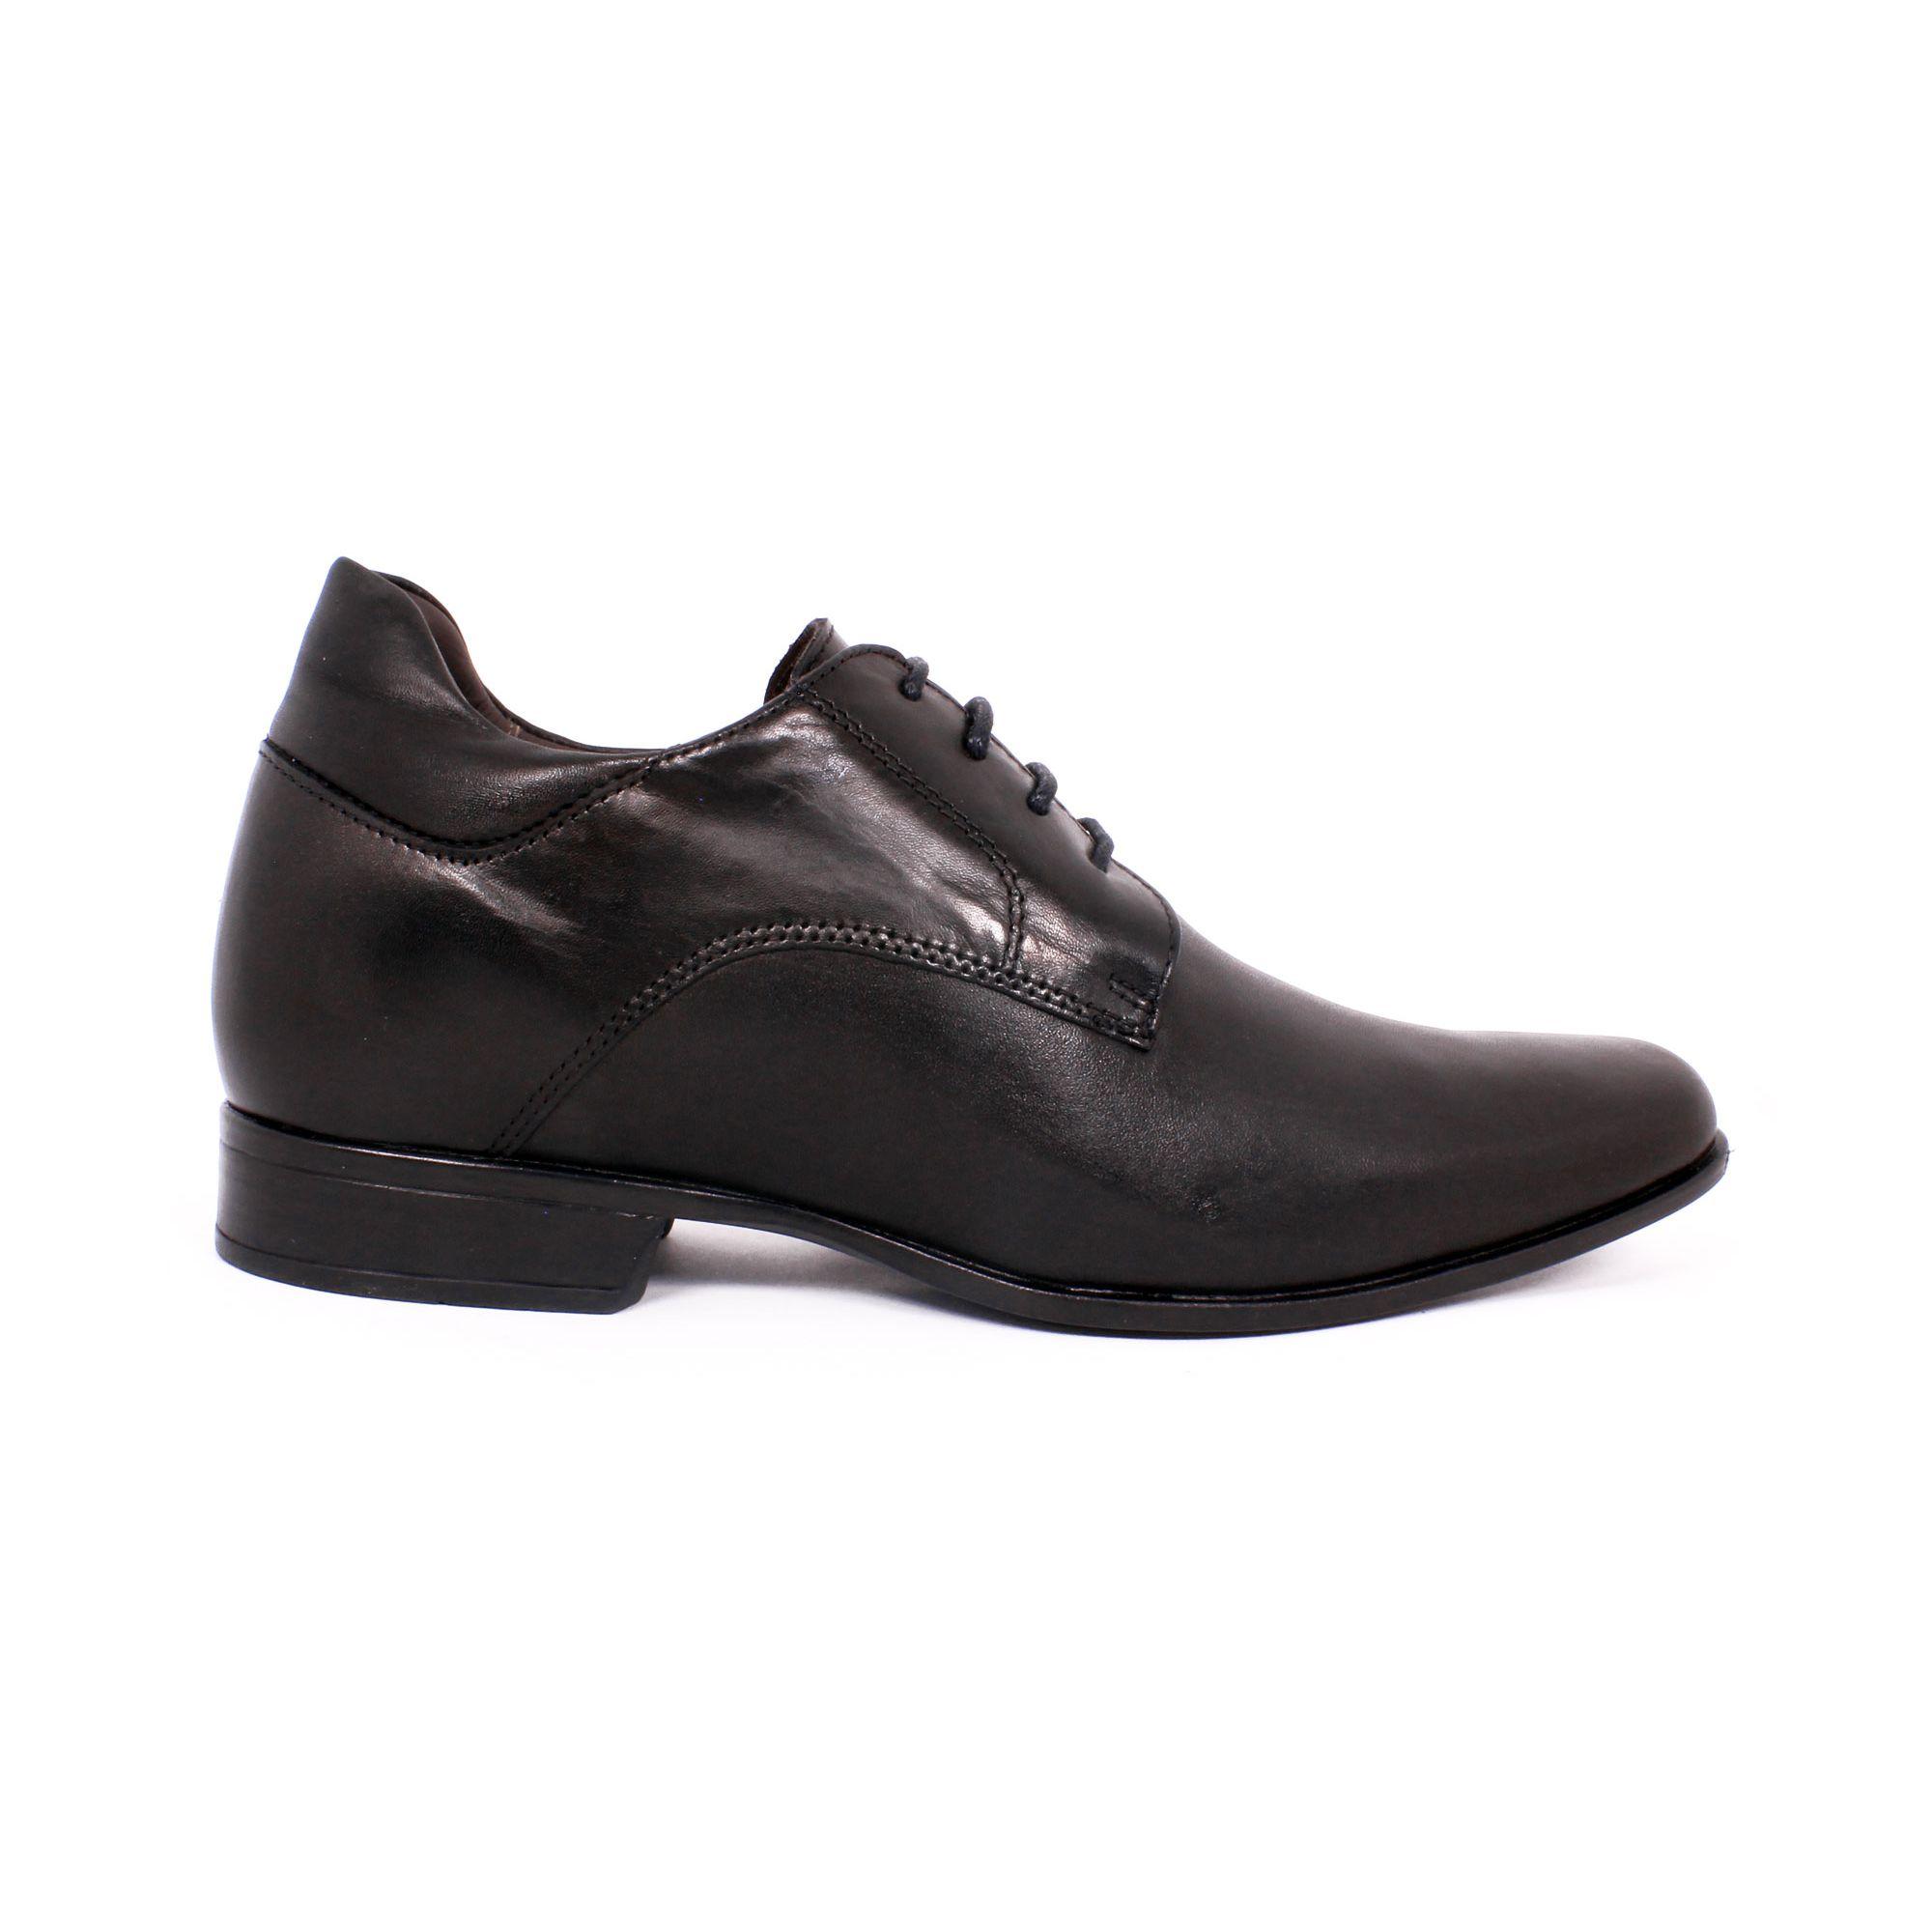 Zapato Formal Fashion Negro Max Denegri +7cm de Altura_70819